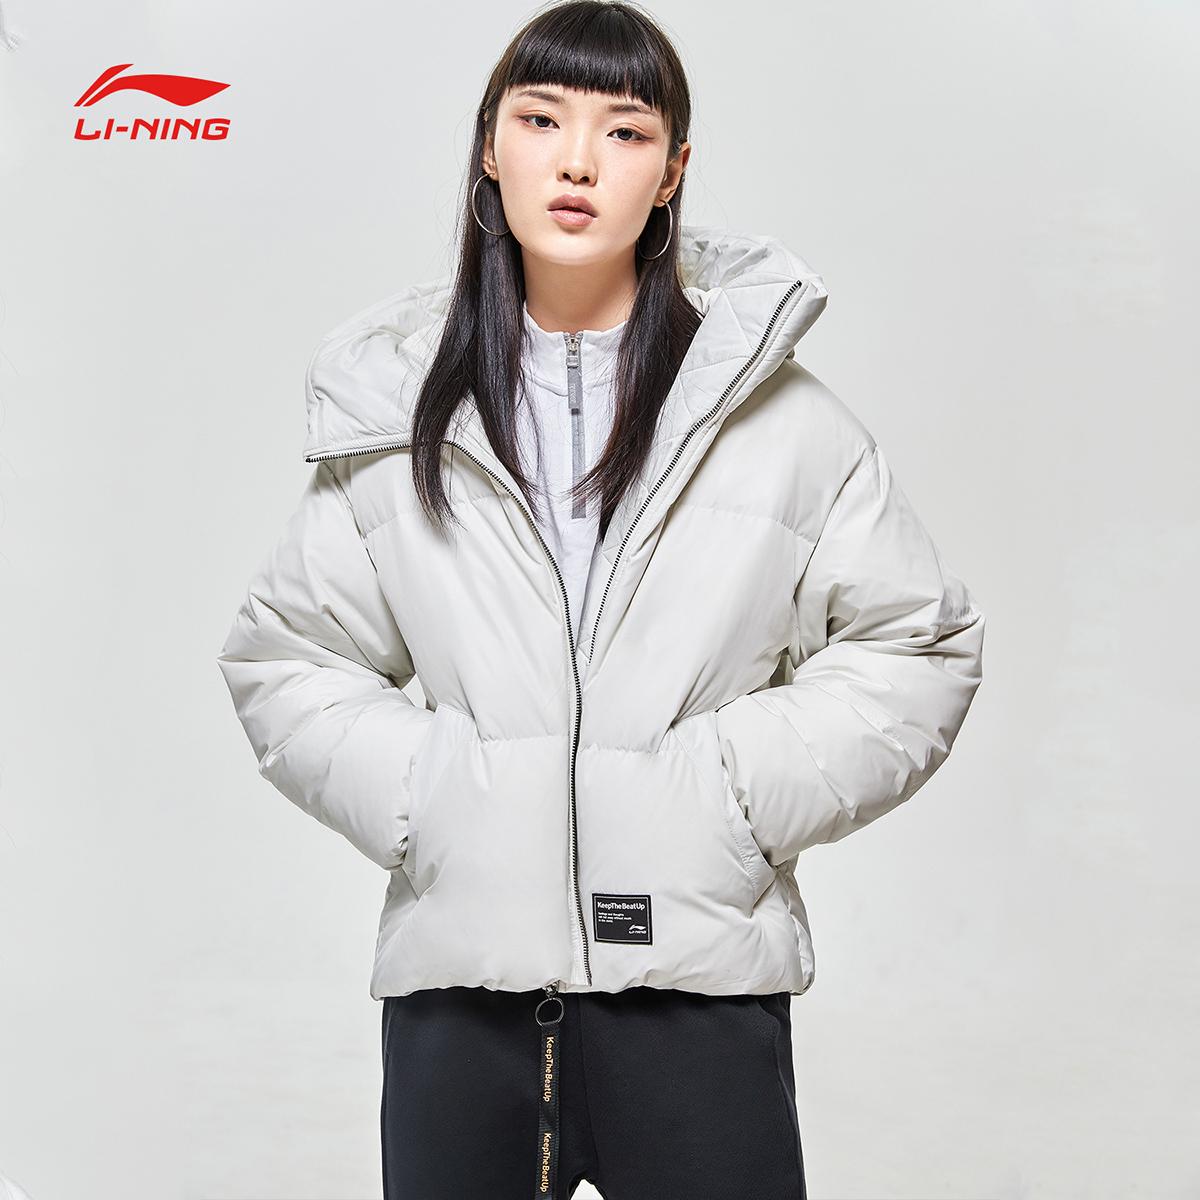 李宁短款羽绒服女士新款运动时尚连帽宽松冬季白鸭绒运动服图片